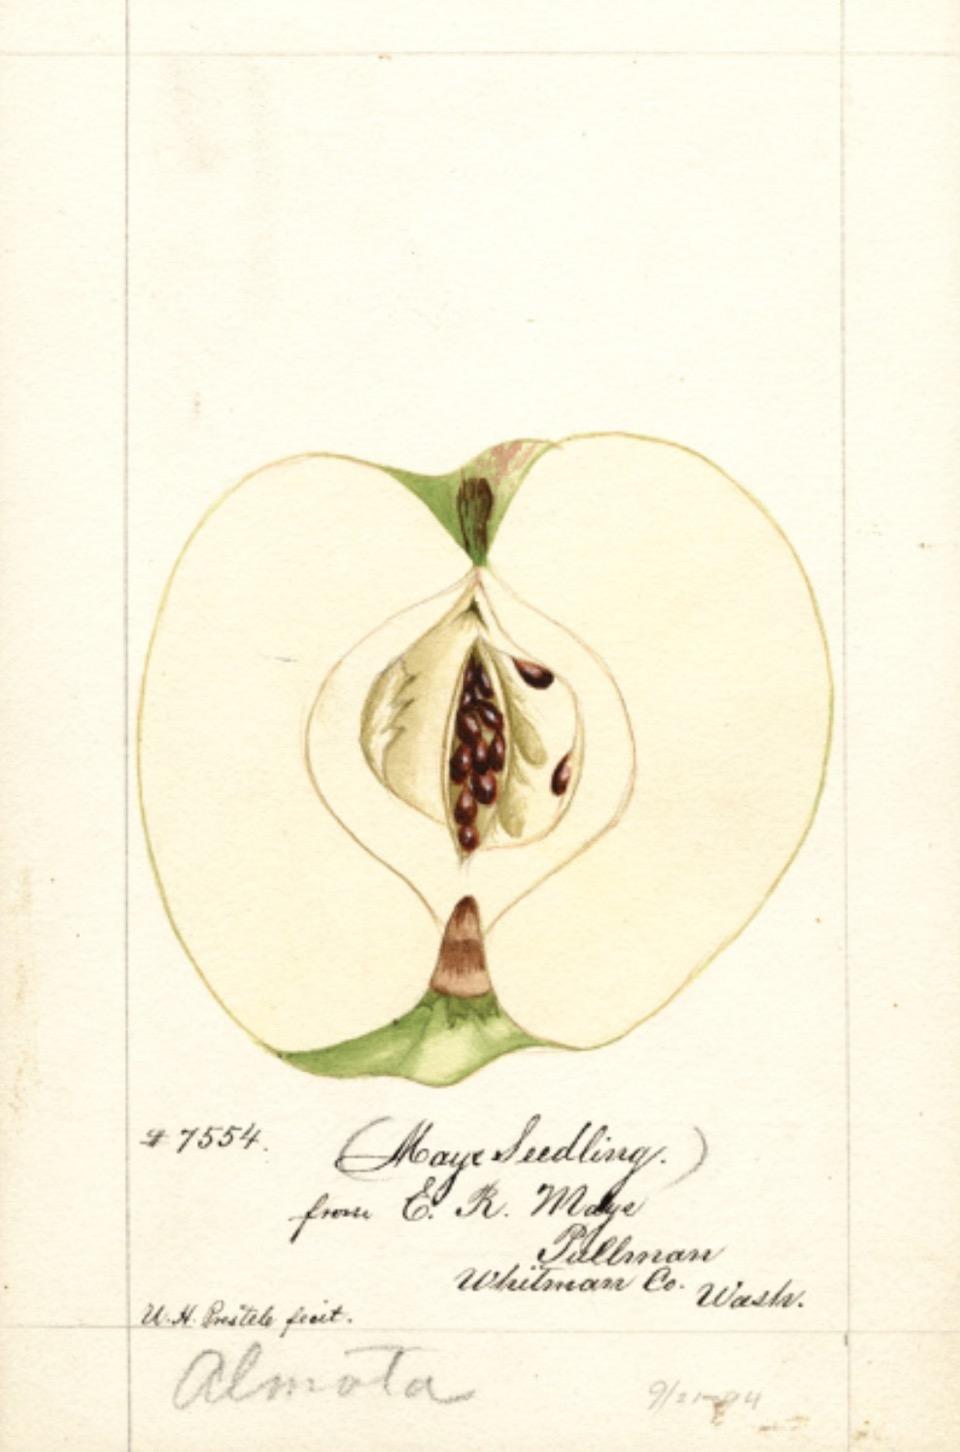 Historische Abbildung eines aufgeschnittenen Apfels; USDA